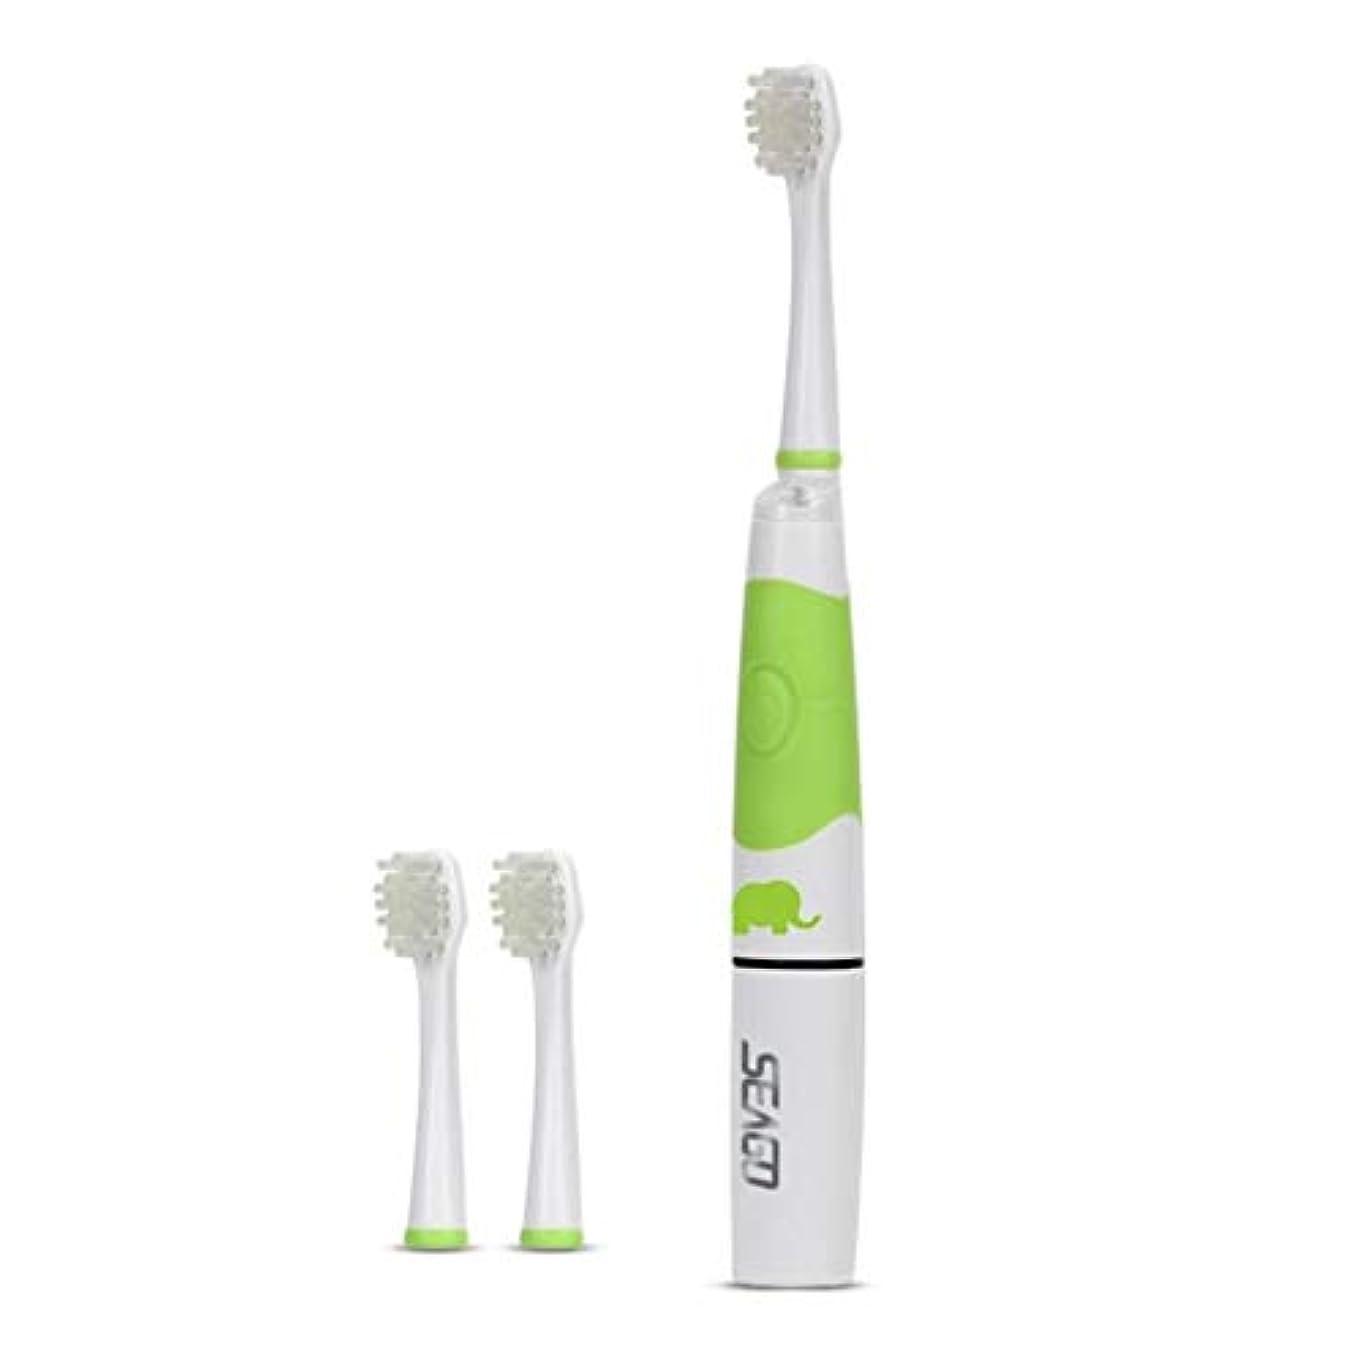 資源最高補足SOOKi 子供ソニック電動歯ブラシLEDライトキッズソニック歯ブラシスマートリマインダー赤ちゃんの歯ブラシ幼児歯ブラシで余分2交換可能なブラシヘッド用2-7子供,Green